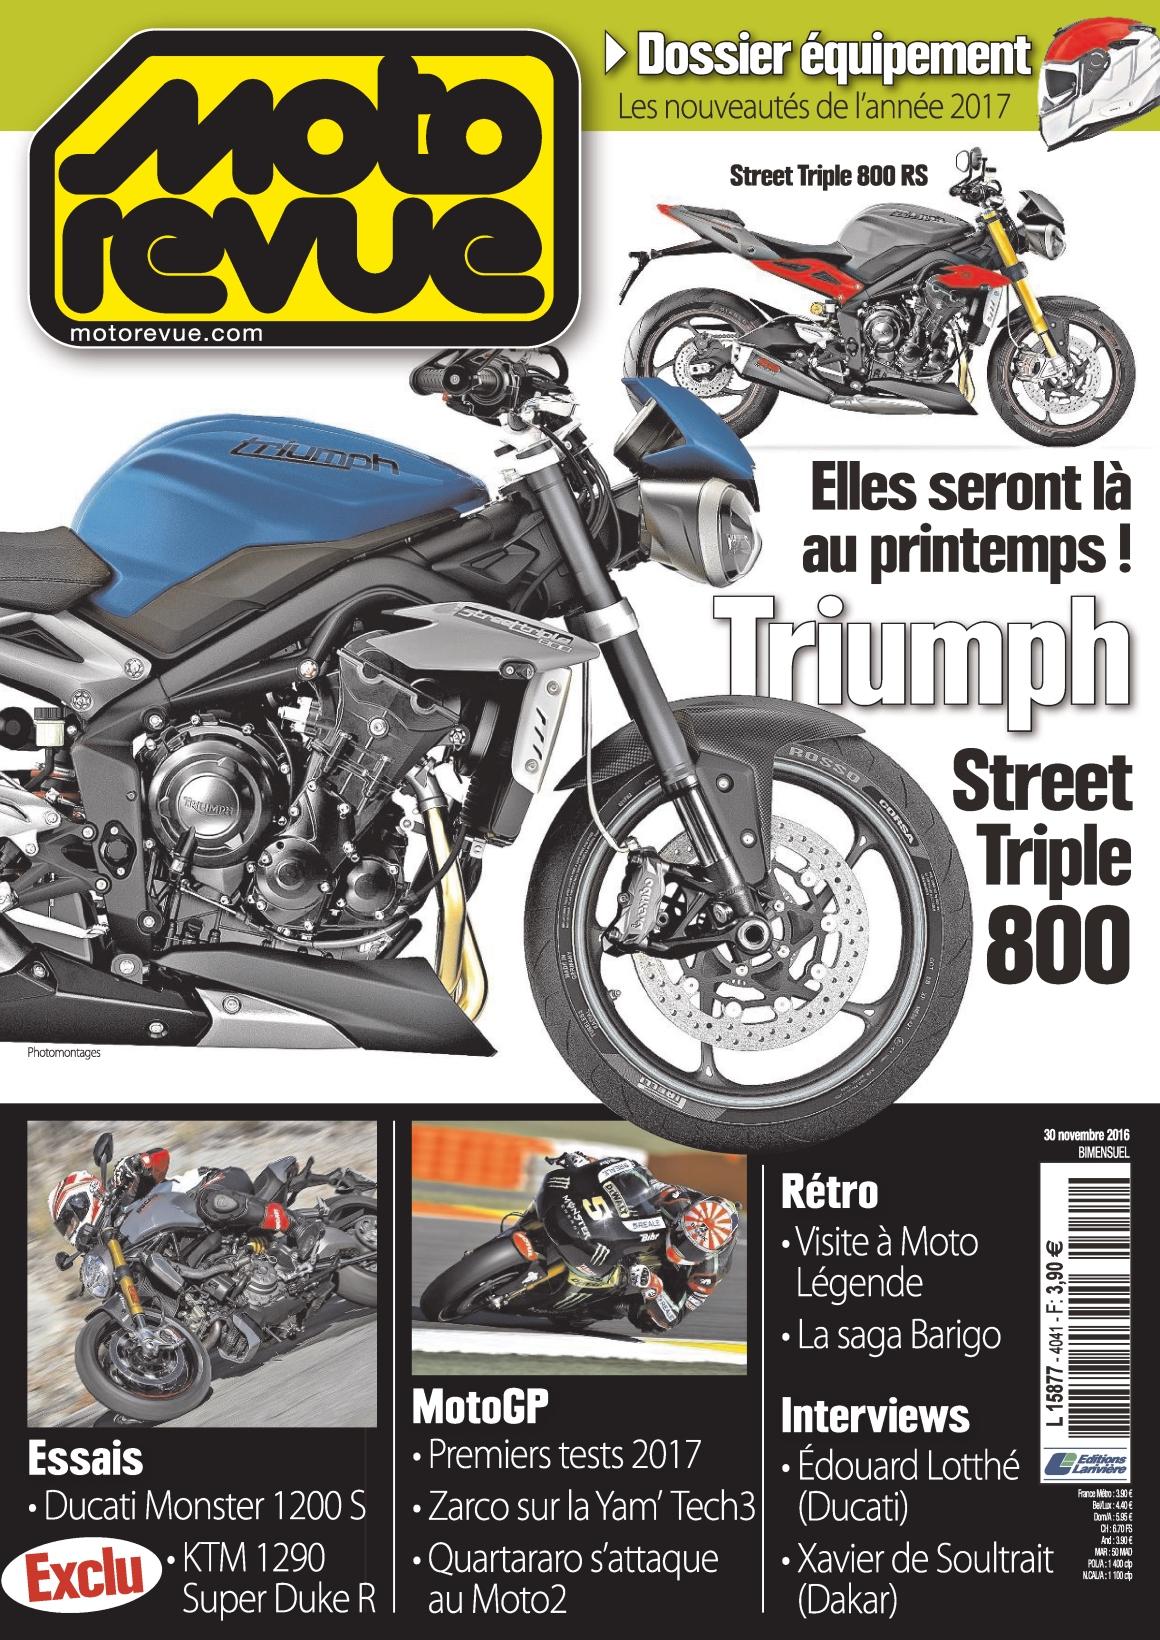 Moto Revue 4041 - 30 Novembre 2016